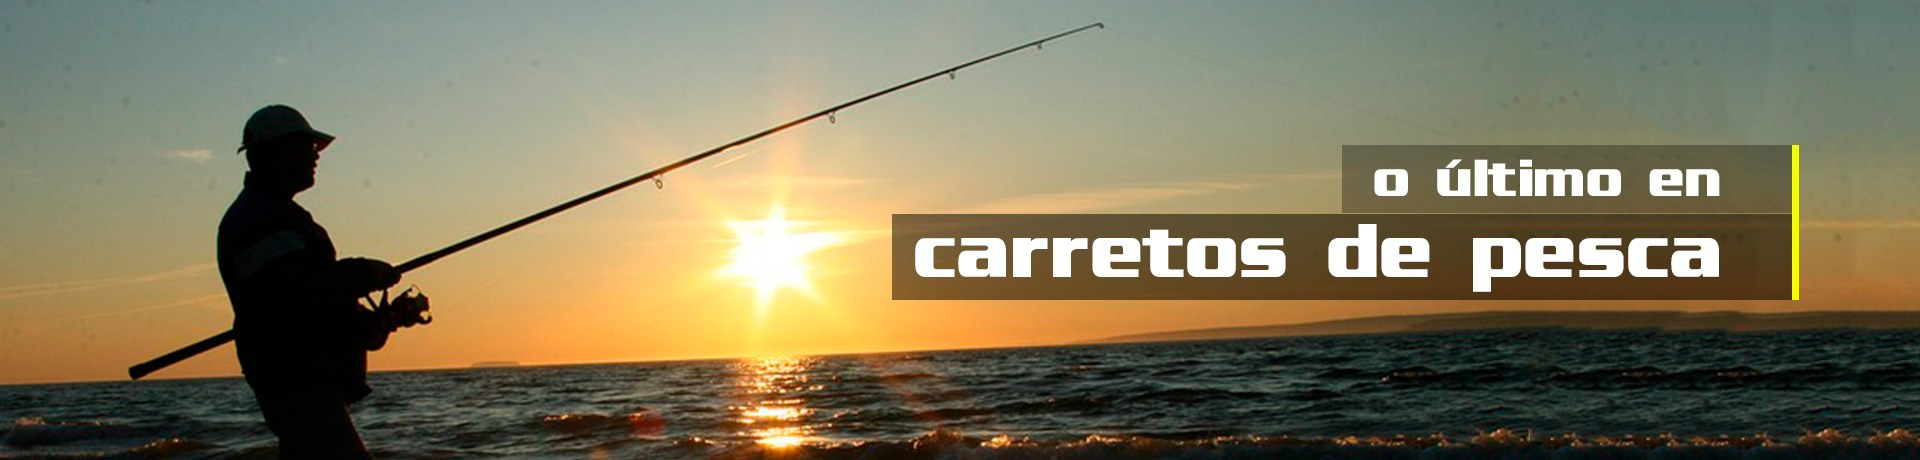 Carretos de pesca